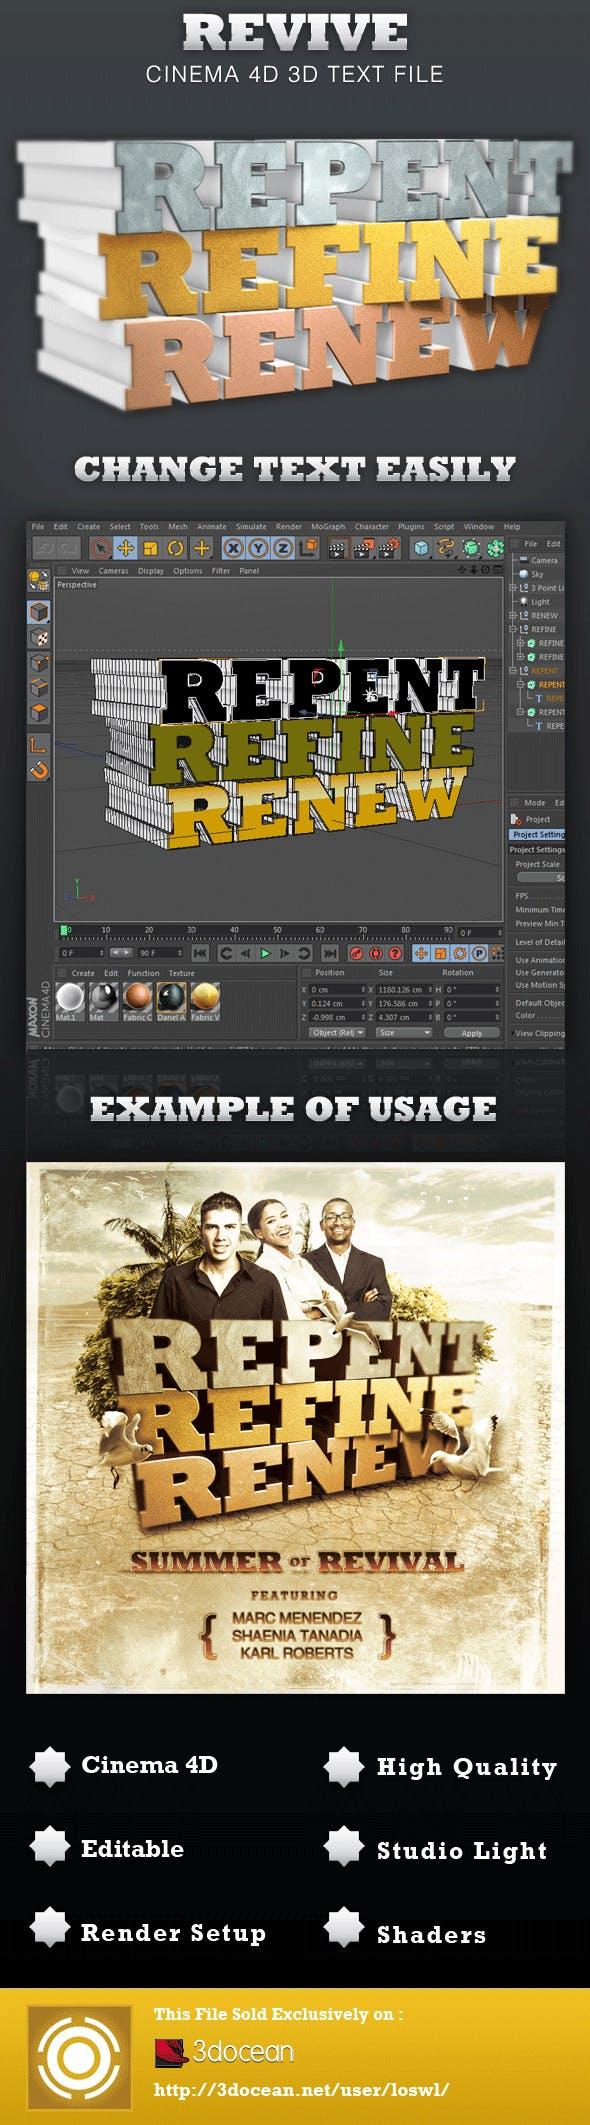 Revive Cinema 4D 3D Text File - 3DOcean Item for Sale